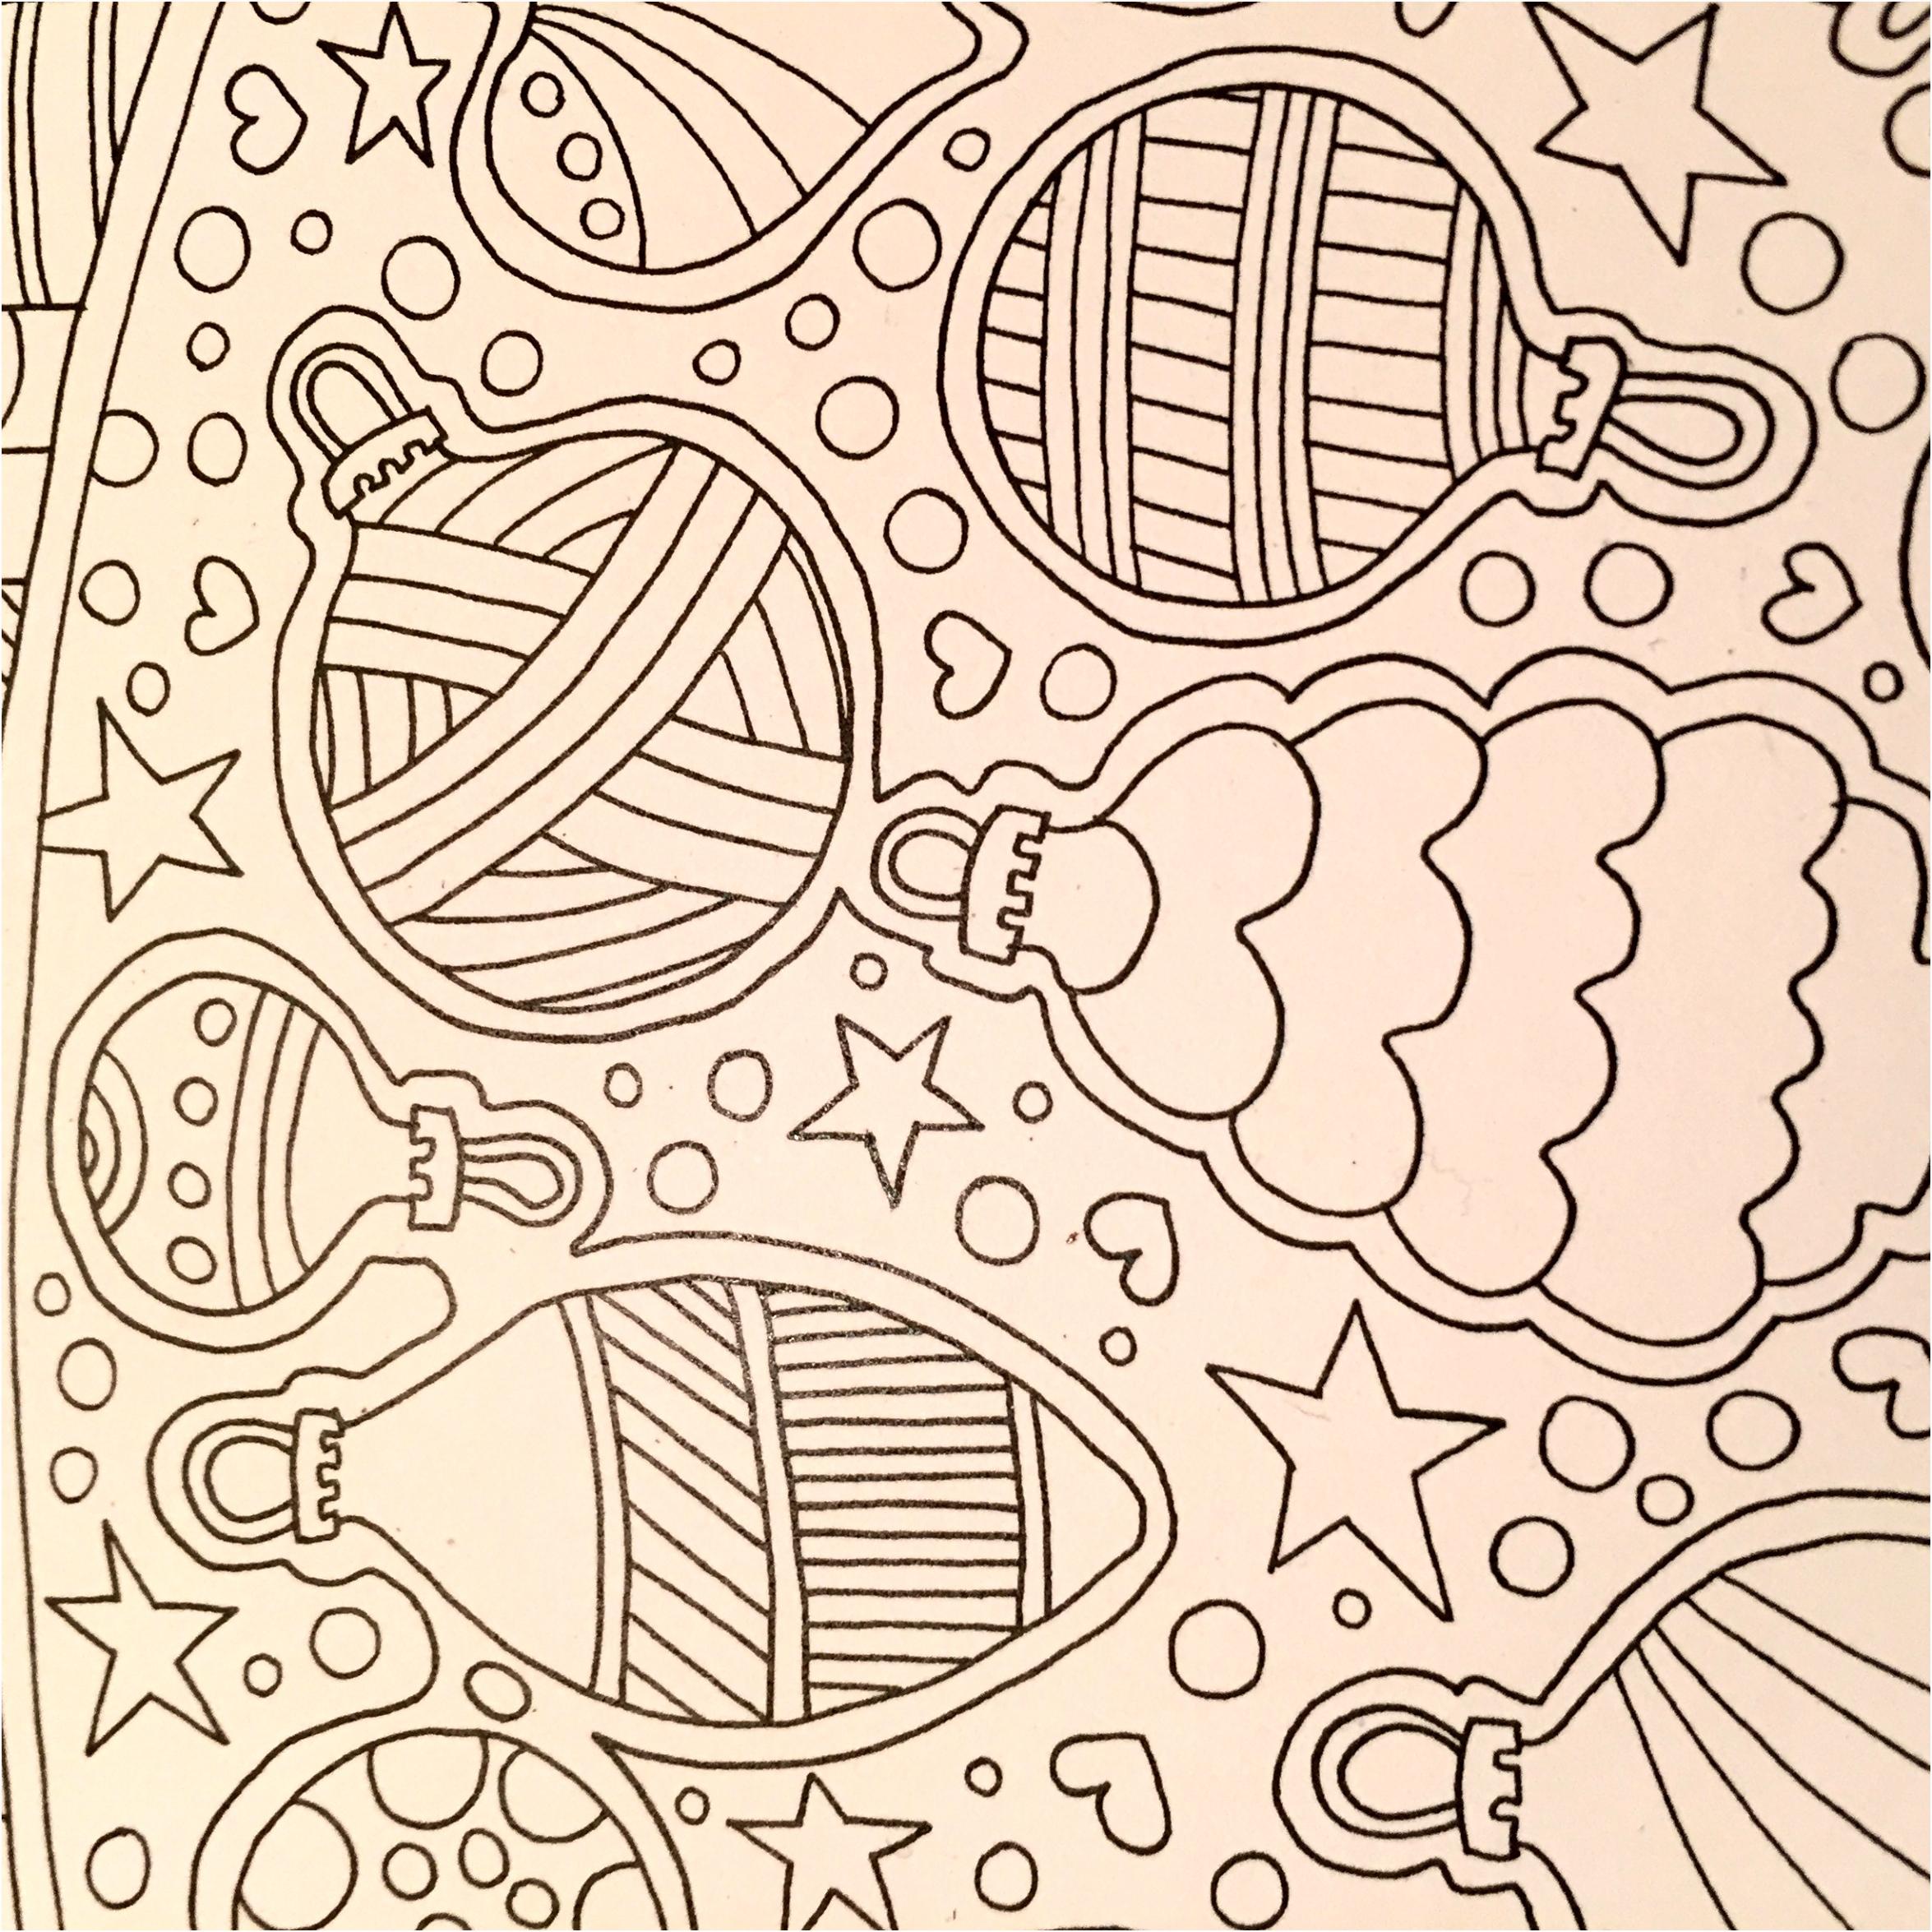 Kerst Kleurplaten Voor Volwassenen Nieuw Kerst Kleurplaten Set 6 A4 – Kleur En Miks M4ib41vr06 Luyu56oen4